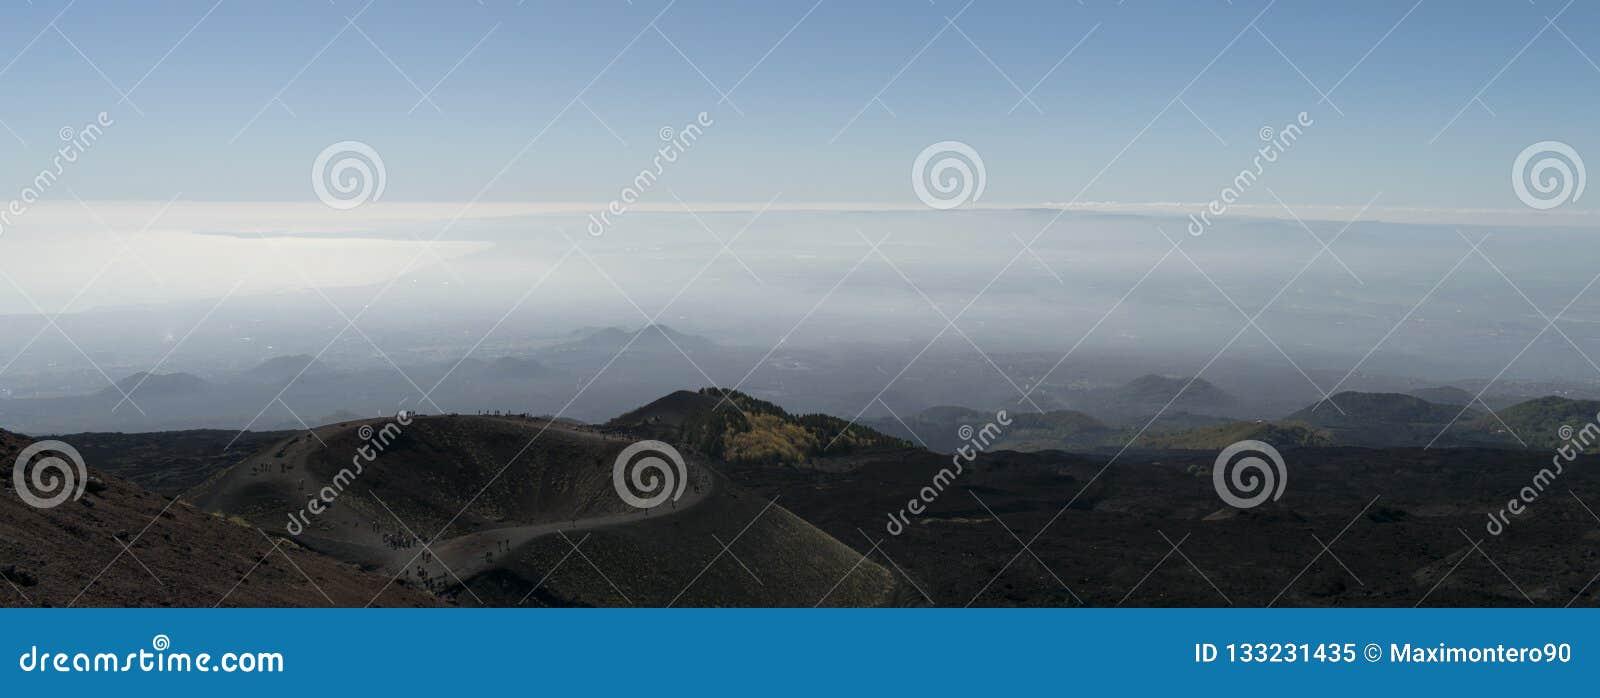 Exibição do Mt Etna Panorama uma cratera e com as nuvens no fundo